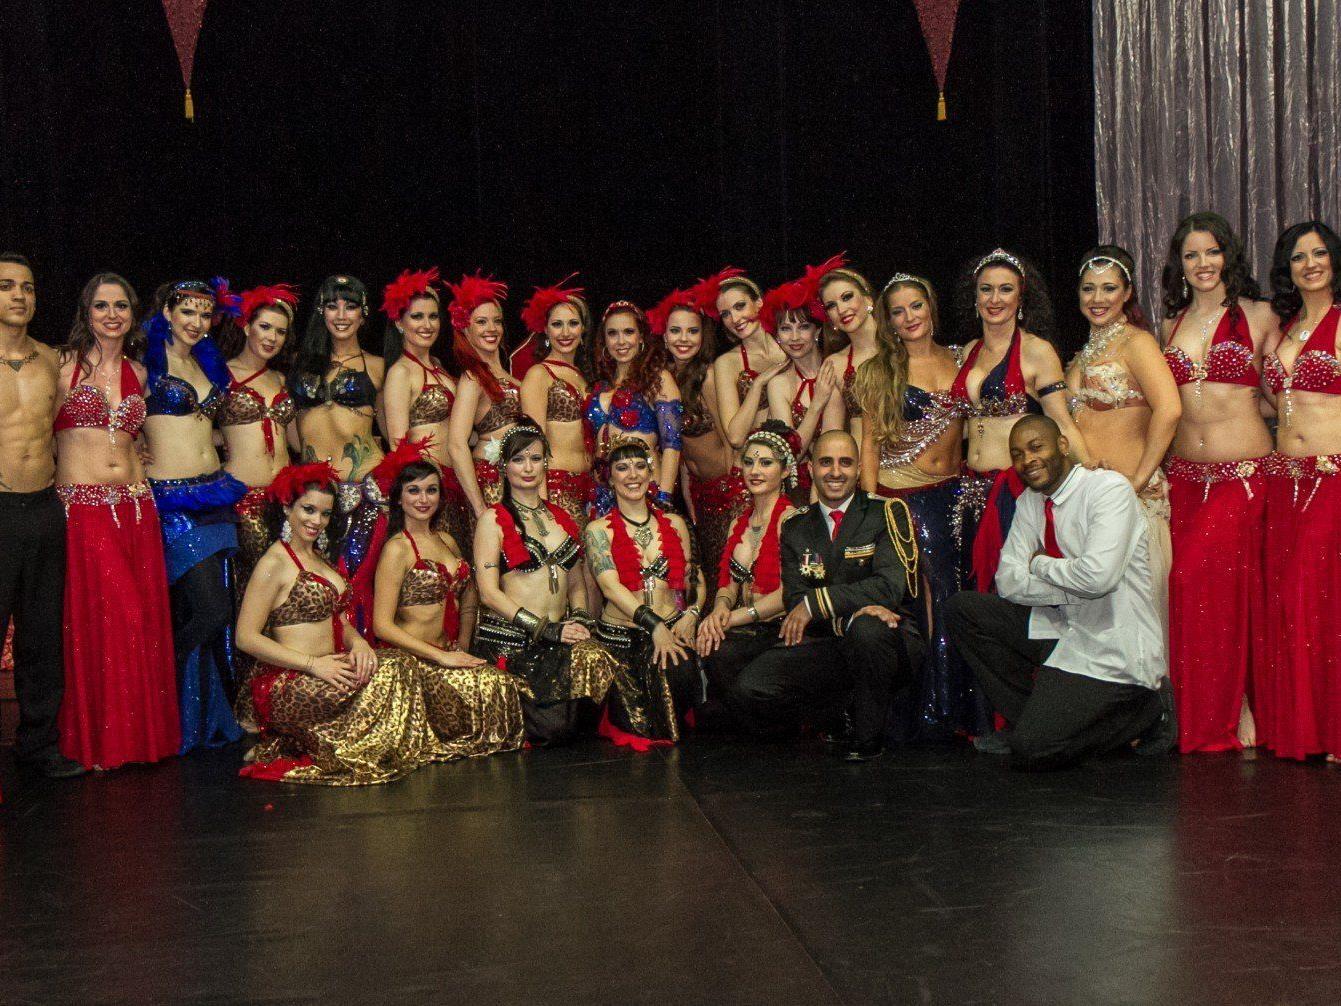 Die Showgruppe Bellydance Evolution mit Tänzerinnen sorgte für viel Aufsehen.